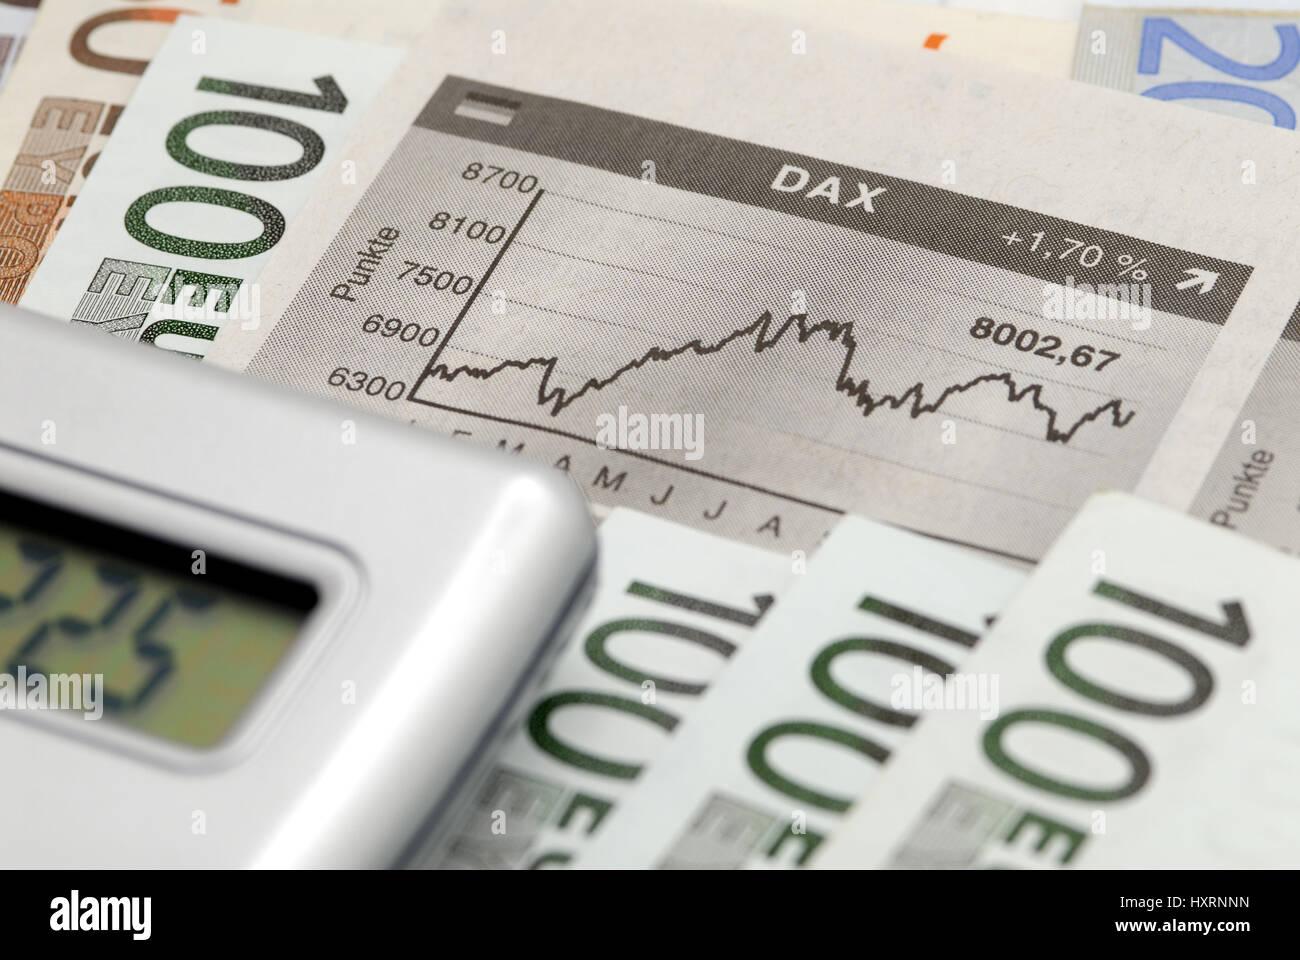 Money, euro, euros, bank notes, bank note, pocket calculator.